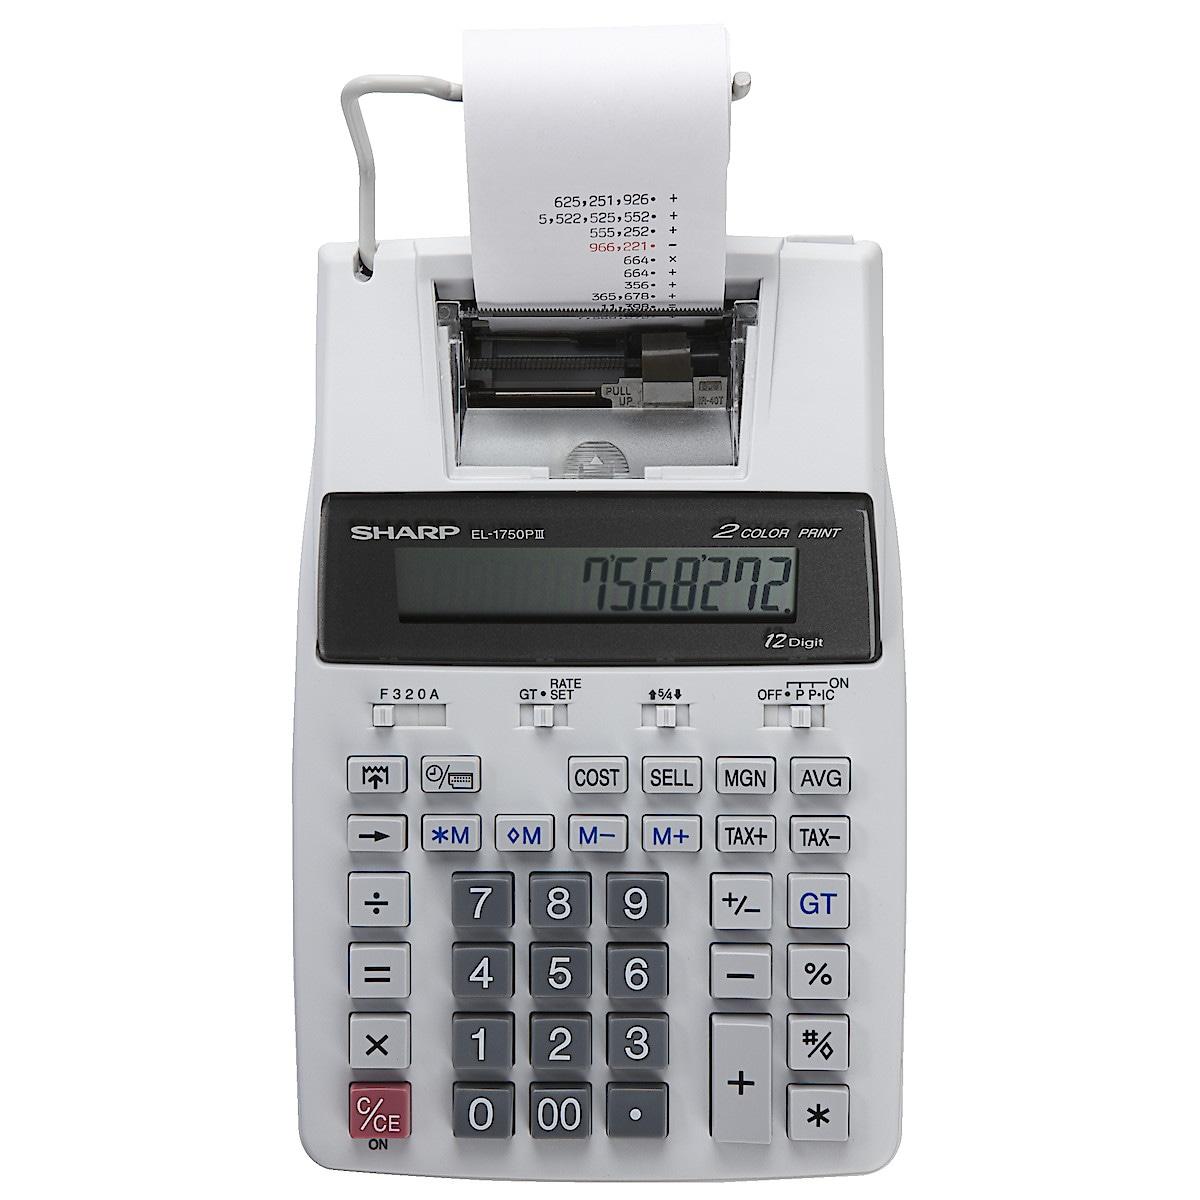 Bordsräknare Sharp EL1750PIII